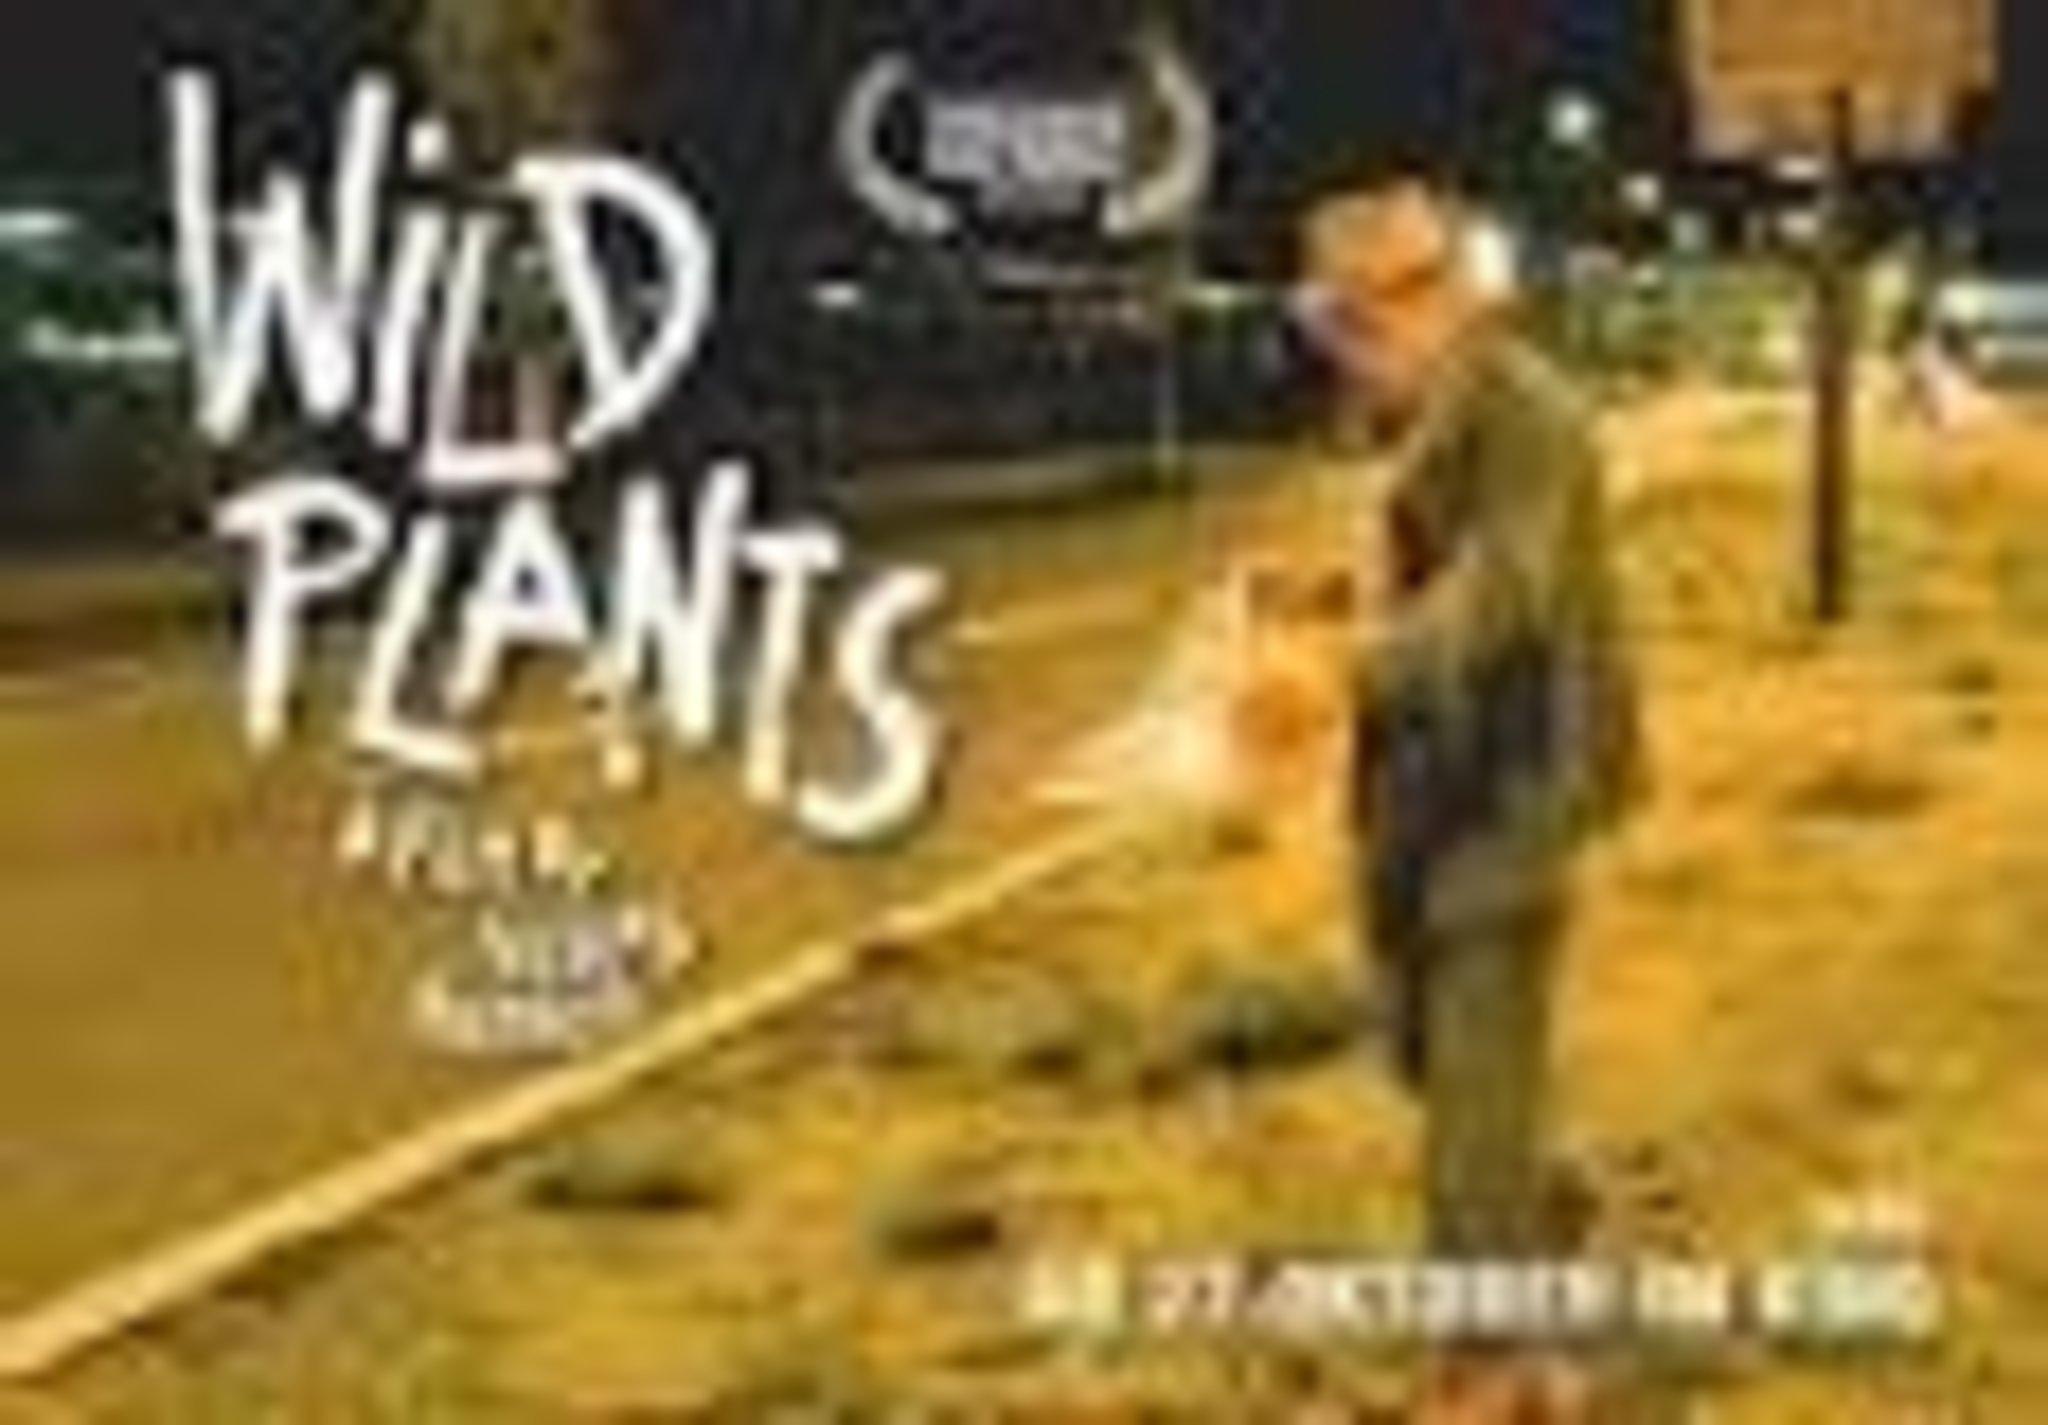 Kino Wild